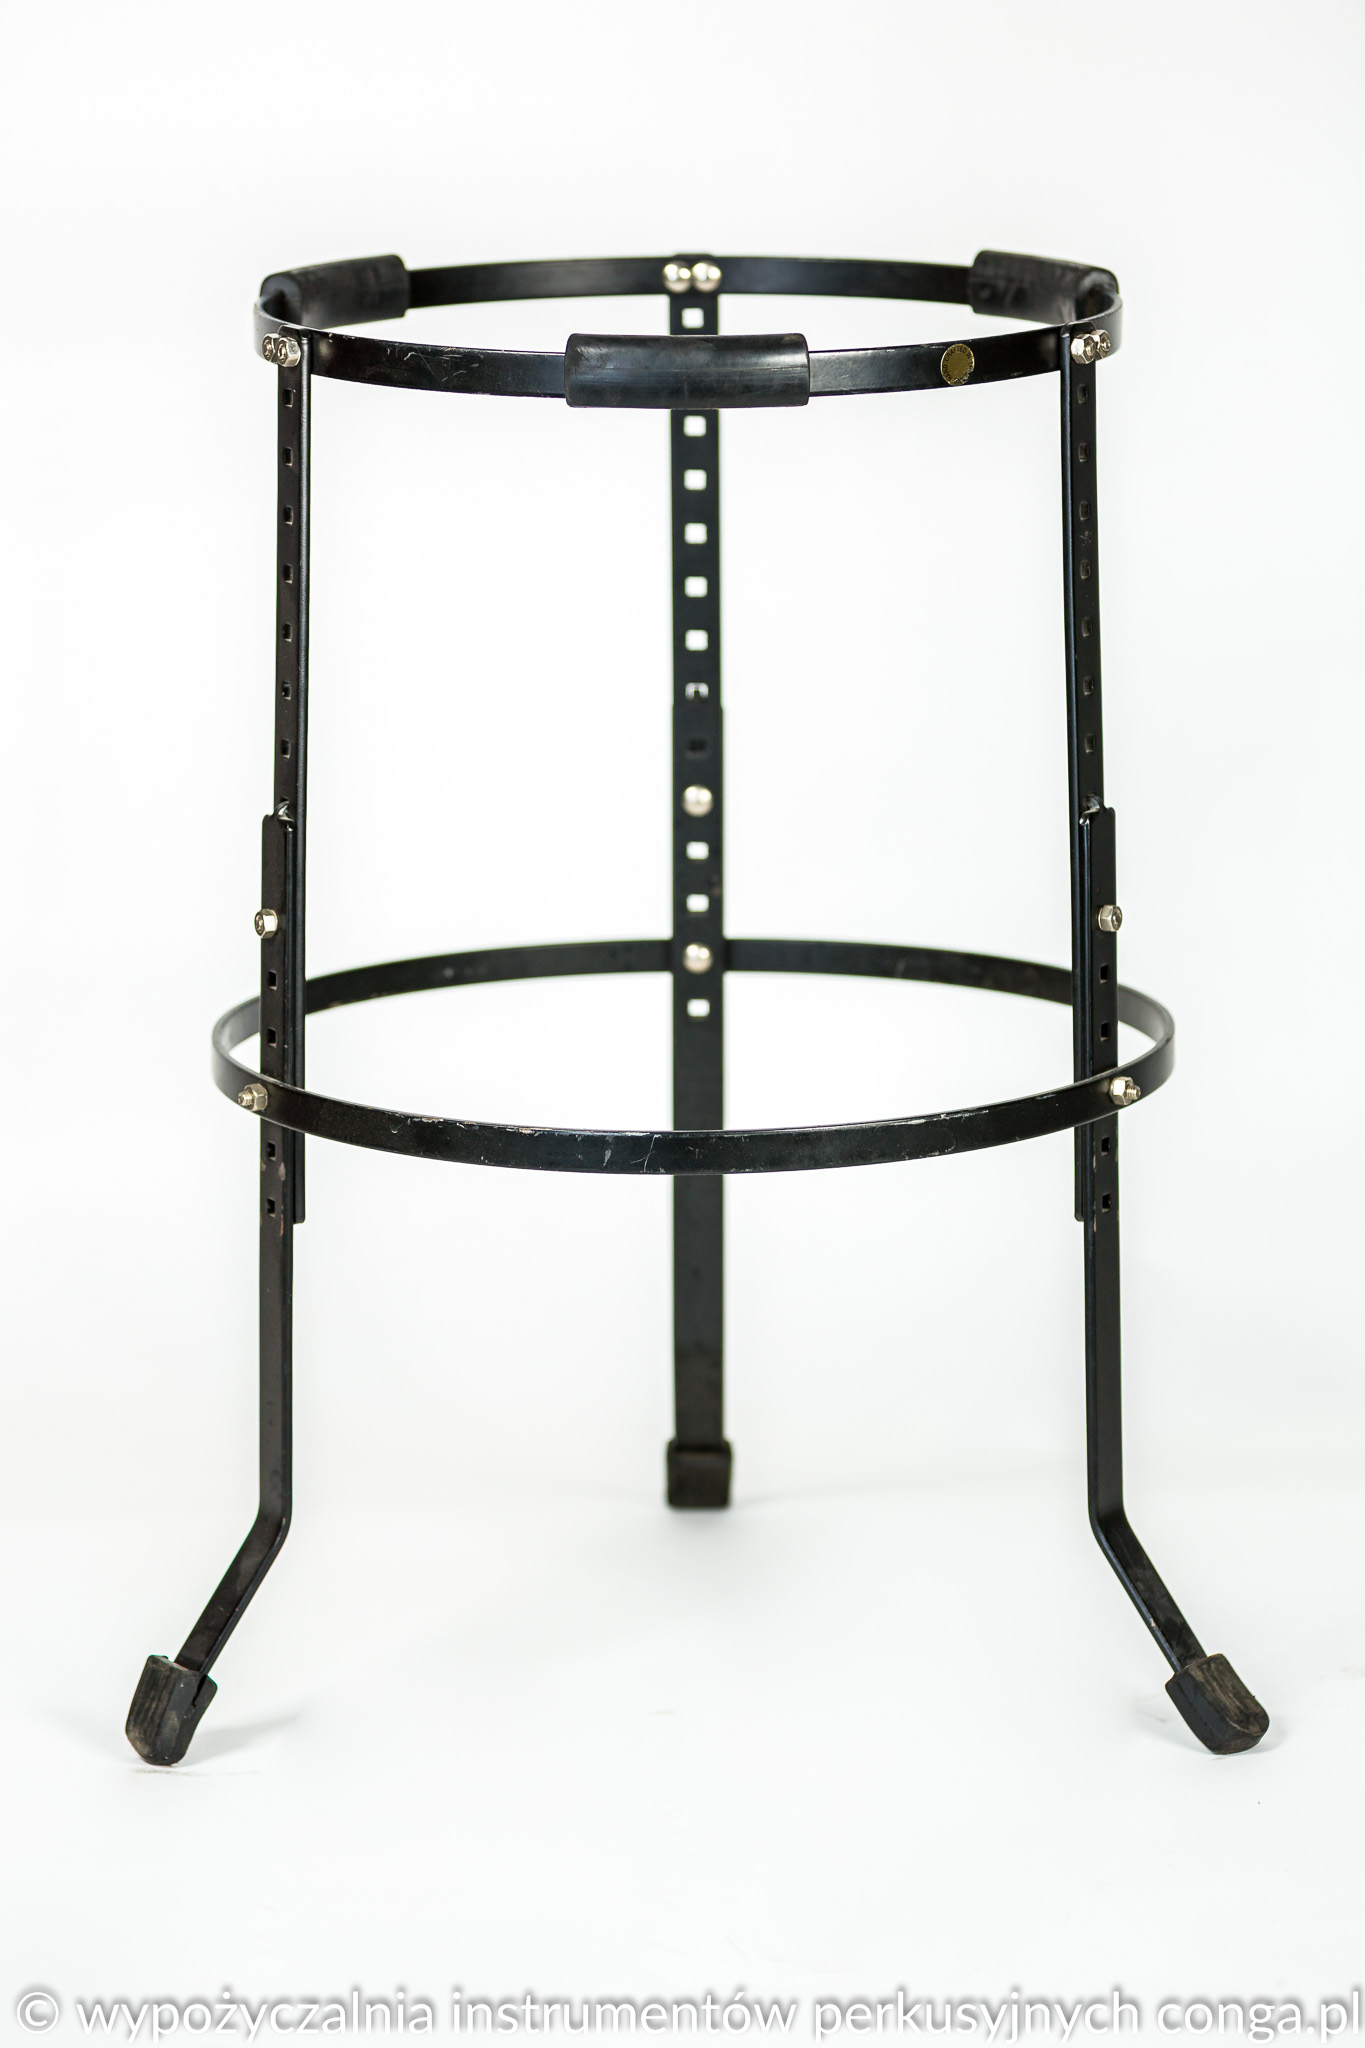 LP-Custom-Stand-for-Tumbadora-wypożyczalnia-instrumentów-perkusyjnych-congapl.CR2-0086-2.jpg